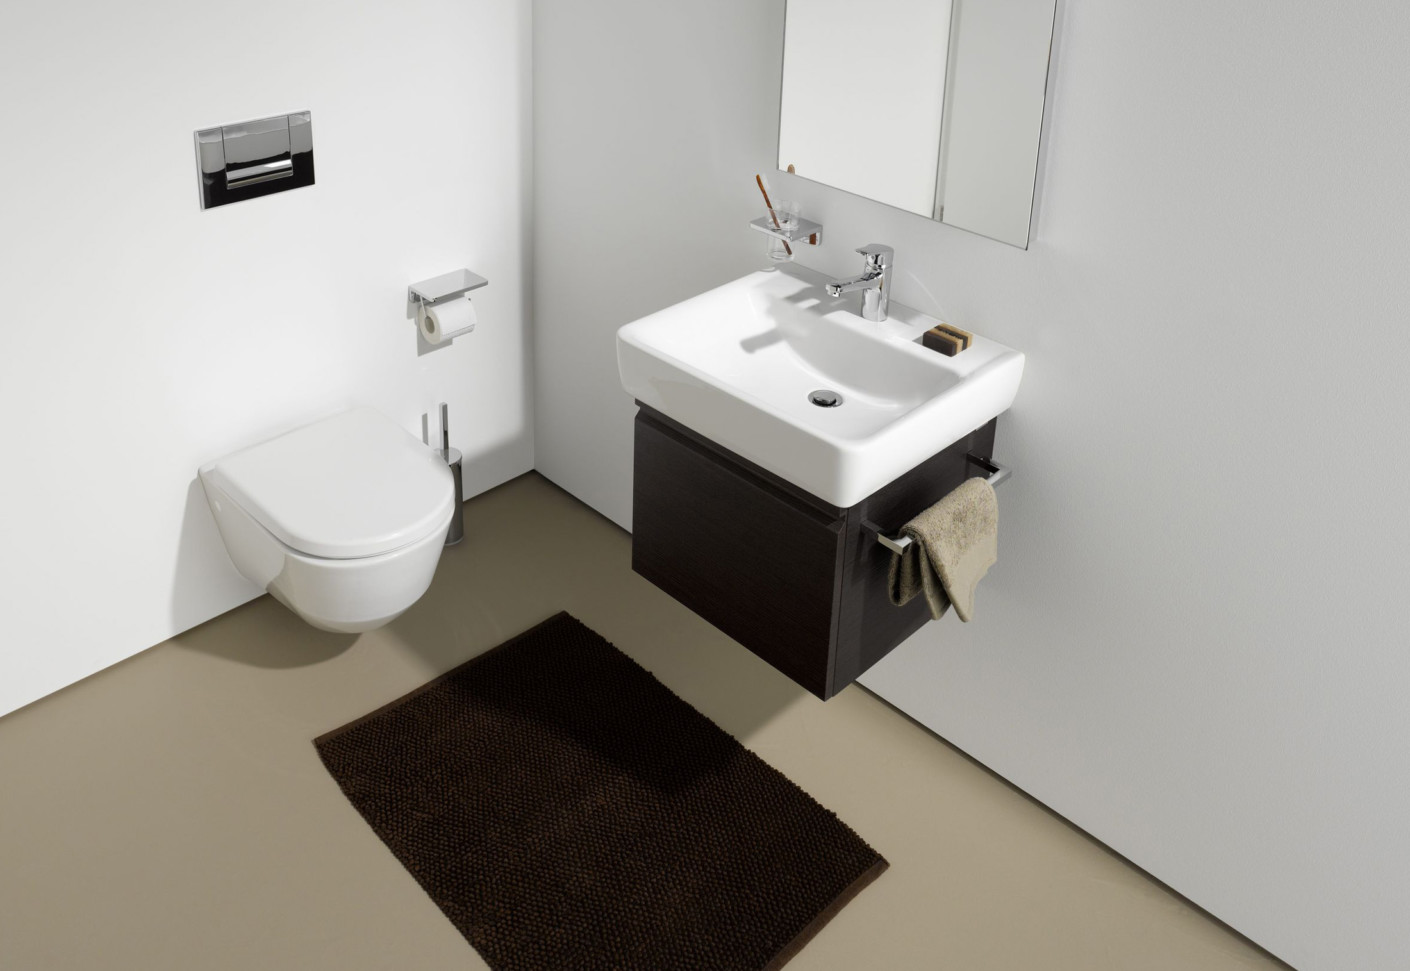 laufen pro waschtischunterbau von laufen stylepark. Black Bedroom Furniture Sets. Home Design Ideas